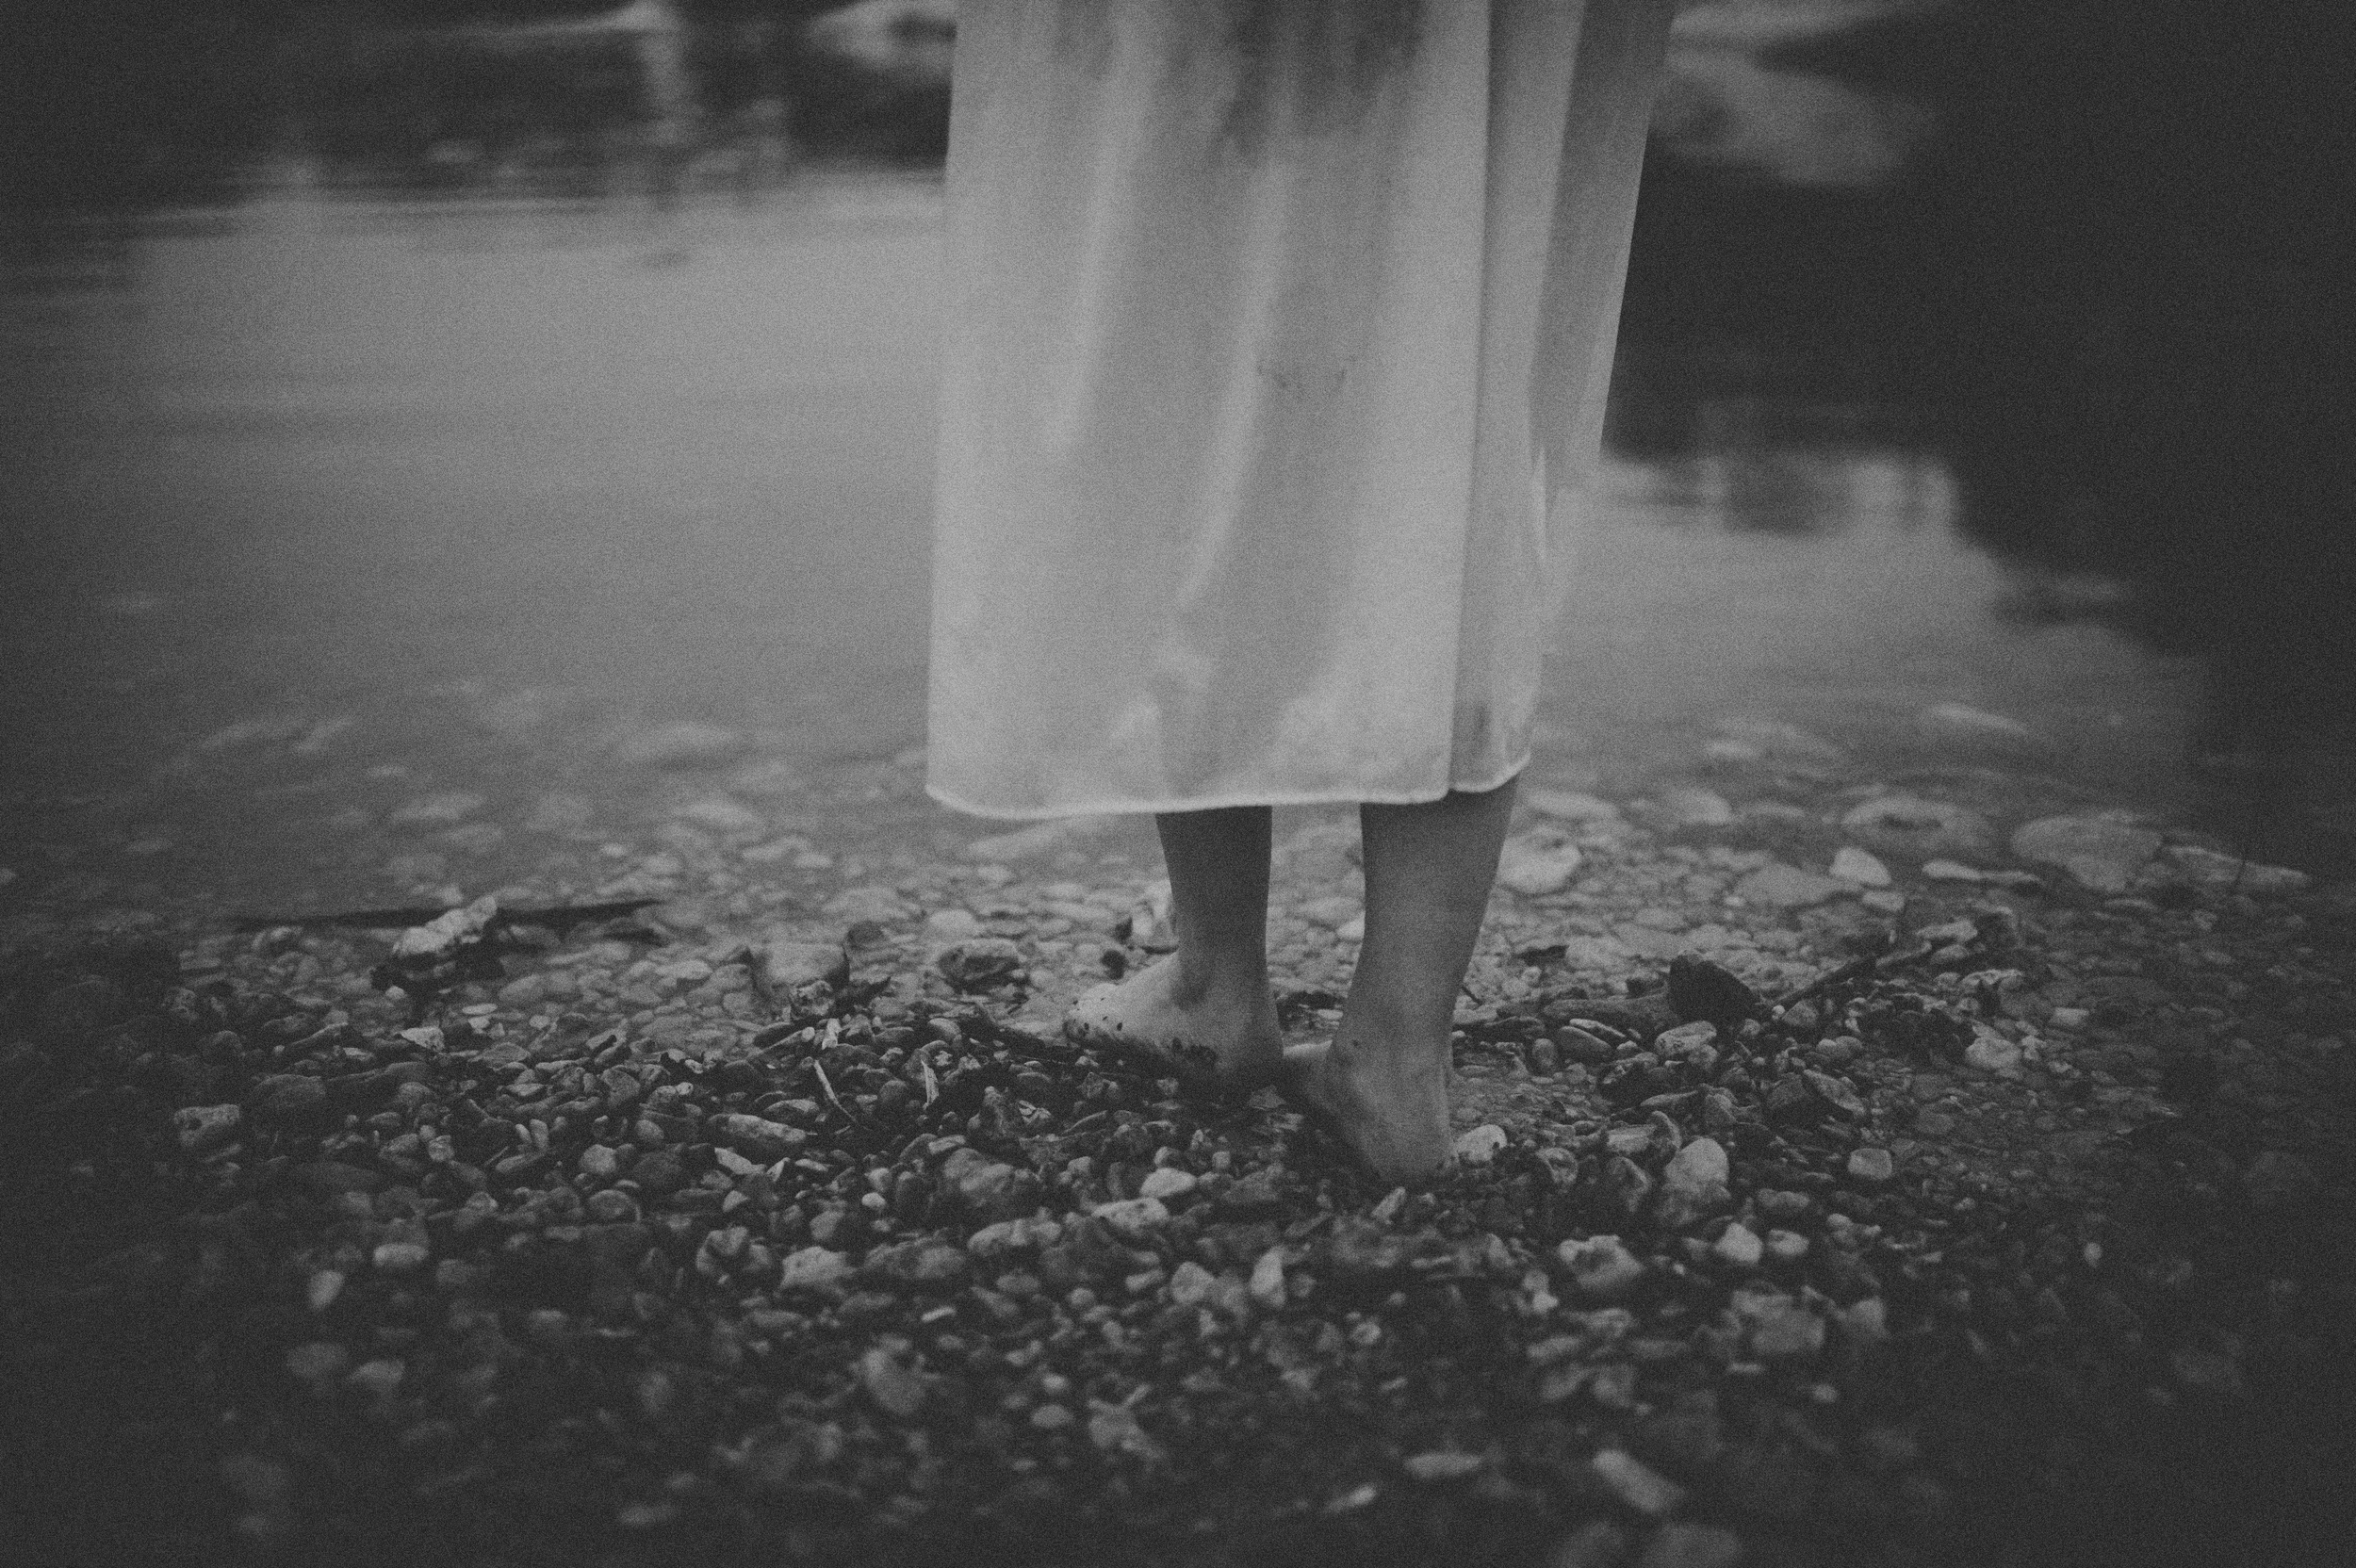 river-story-joy-gardella166.JPG